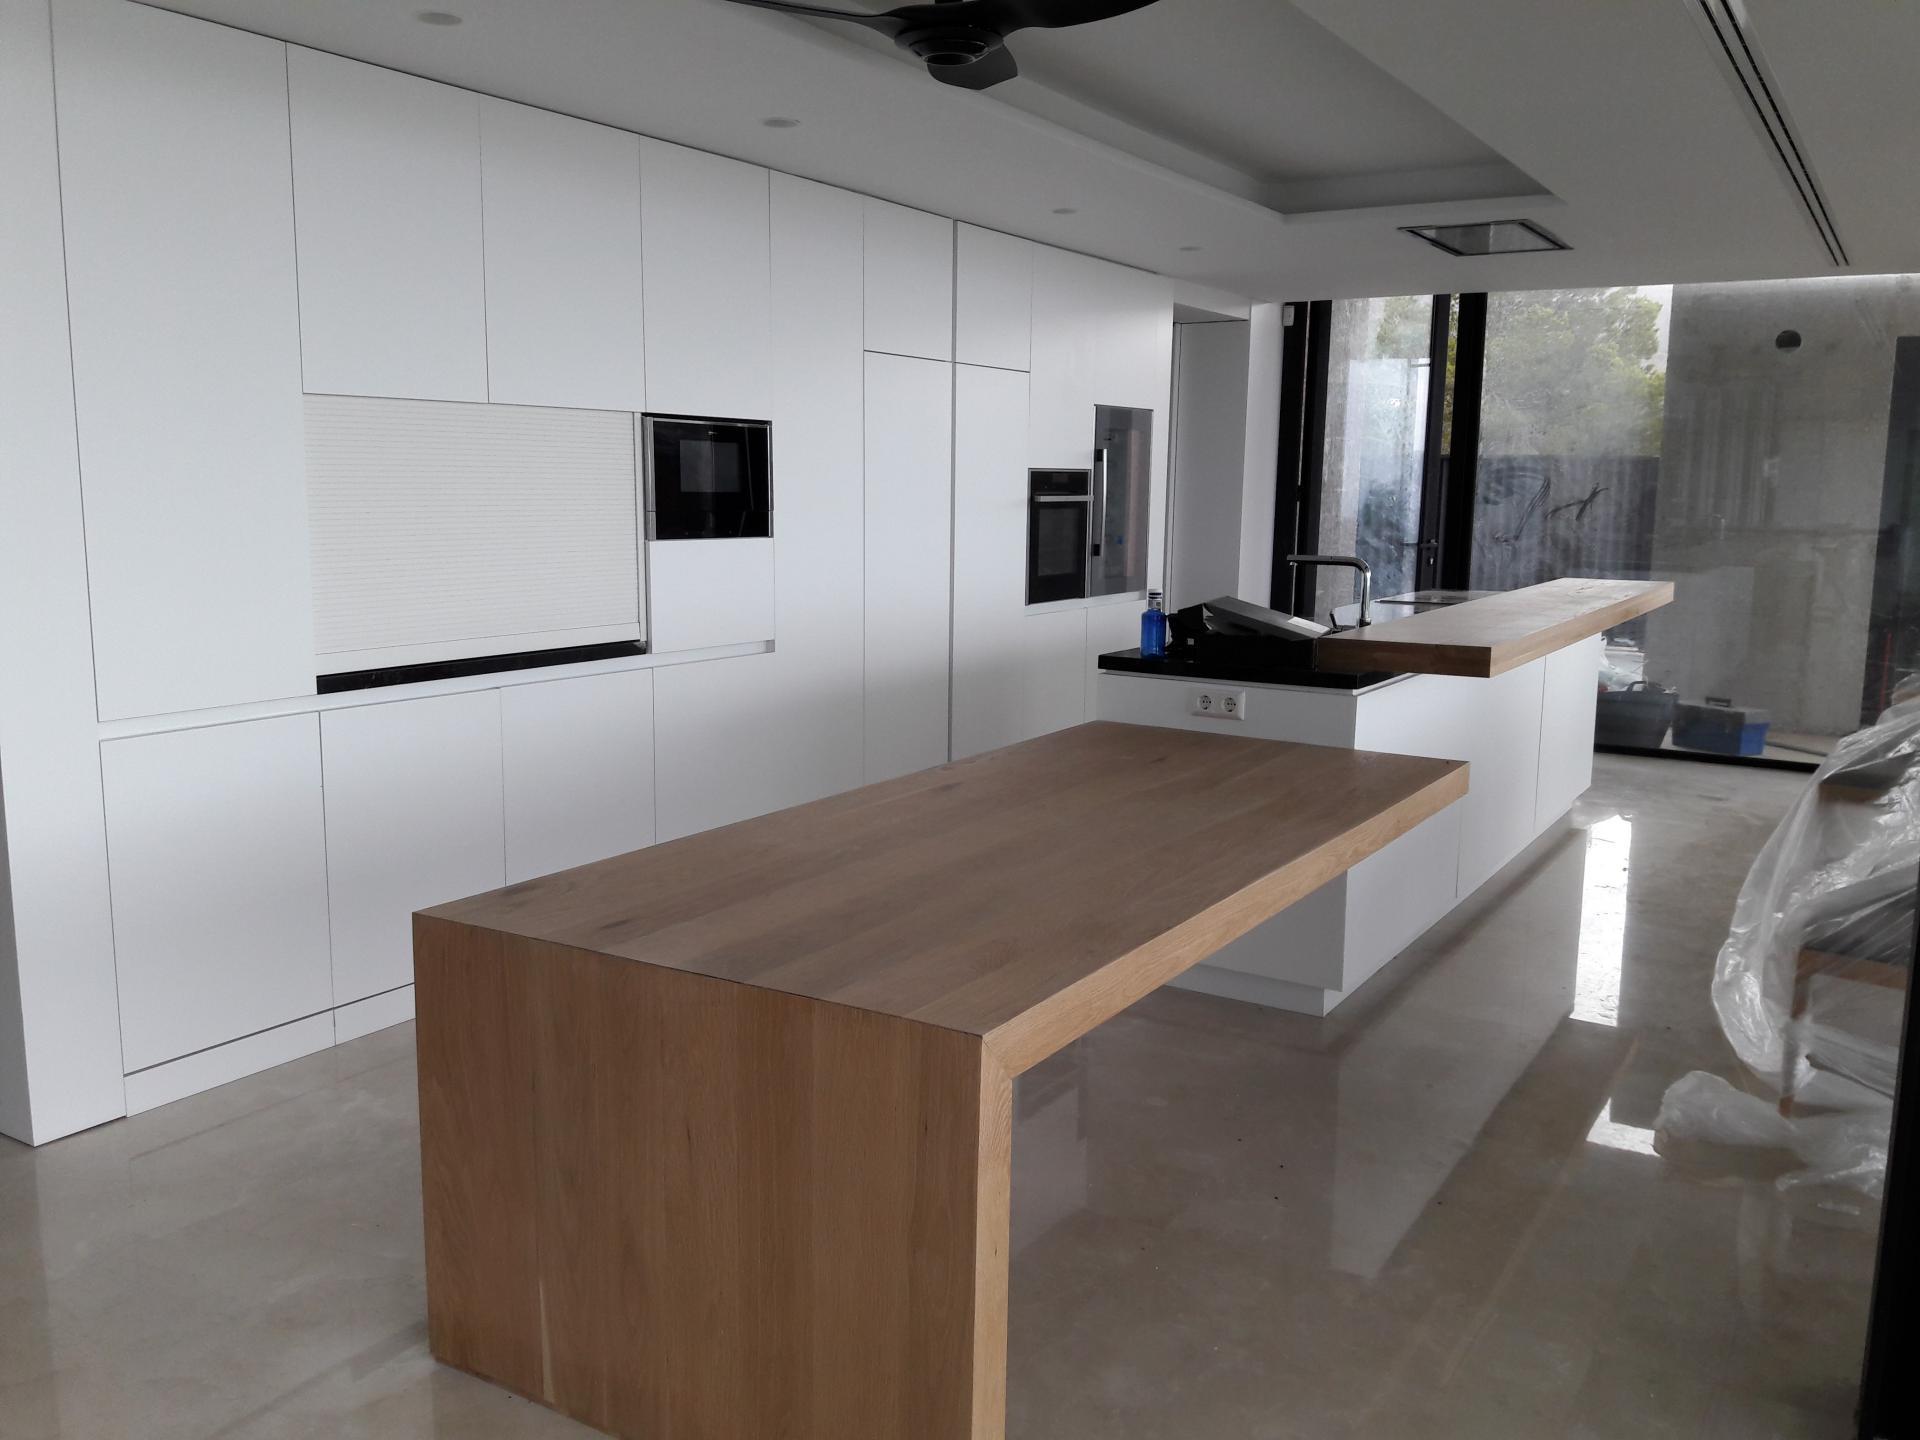 Rumbeu Montaje De Muebles En Alicante # Muebles Muchamiel Alicante